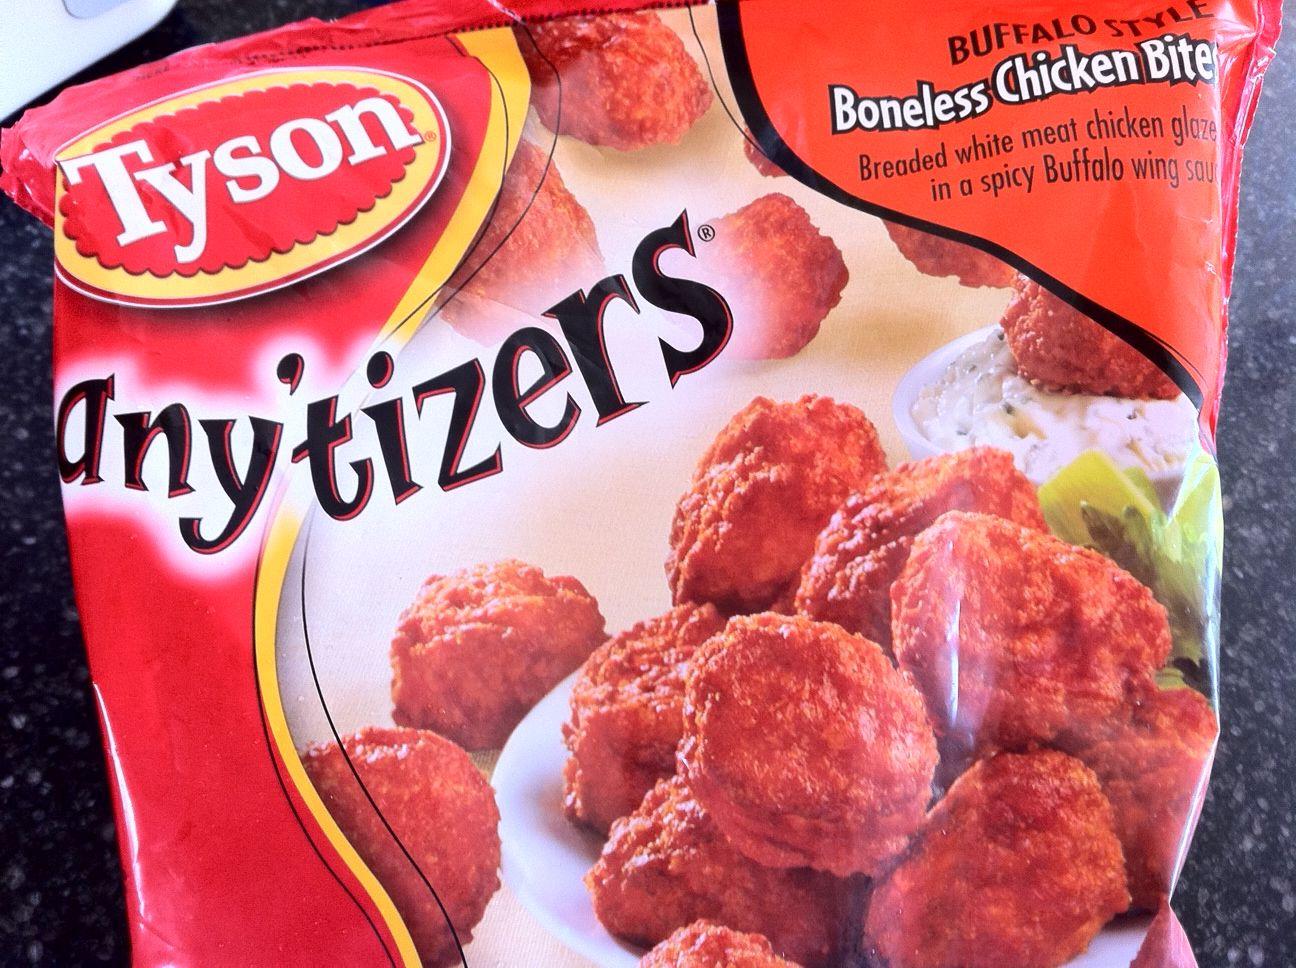 Tyson boneless chicken wings